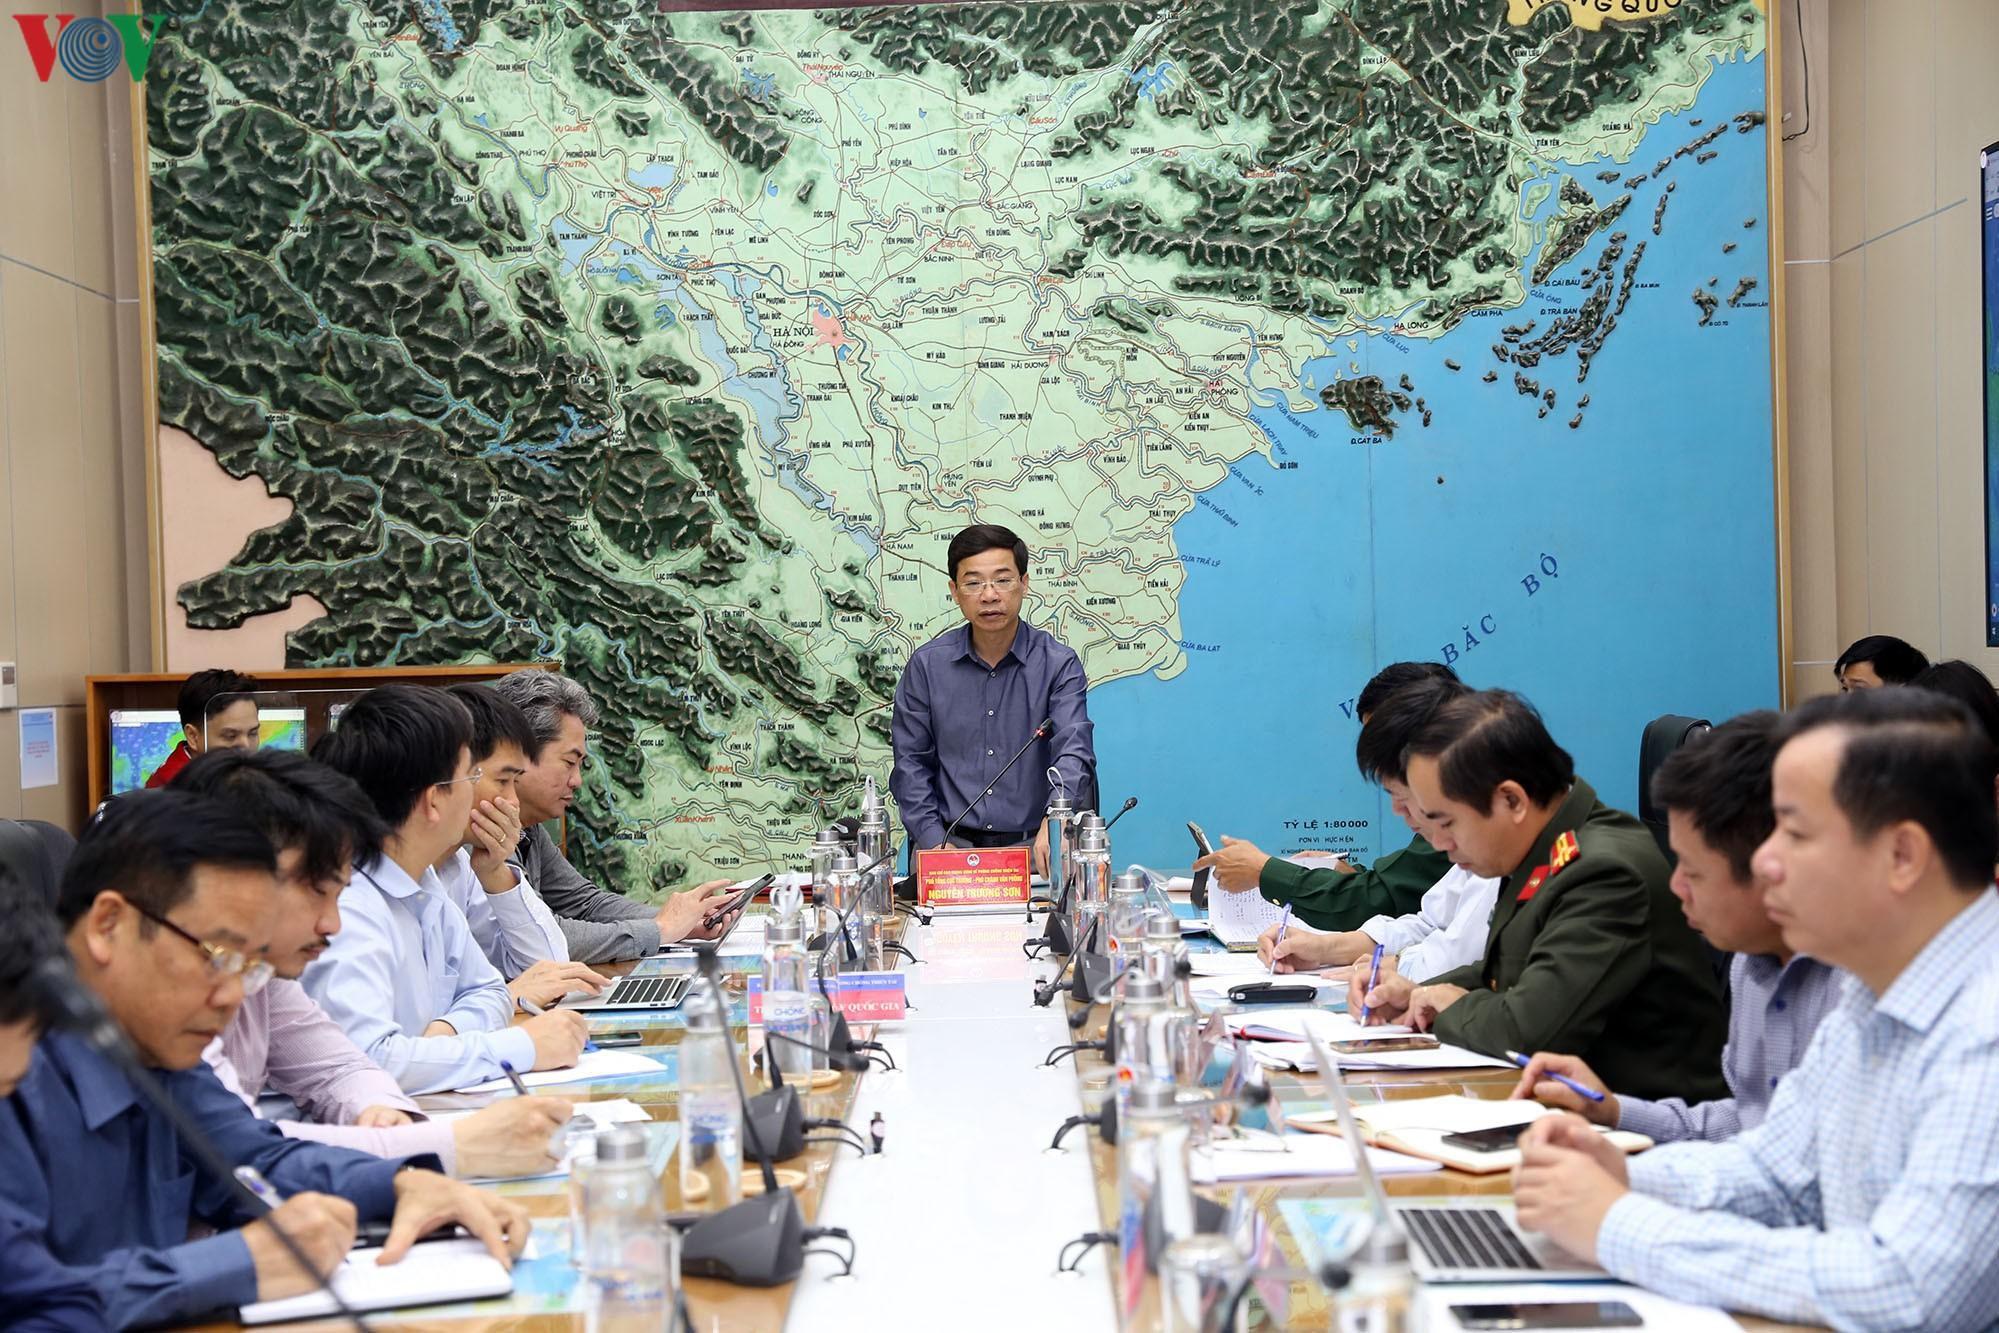 Dừng các cuộc họp không cần thiết để tập trung ứng phó với bão số 6 Ảnh 1